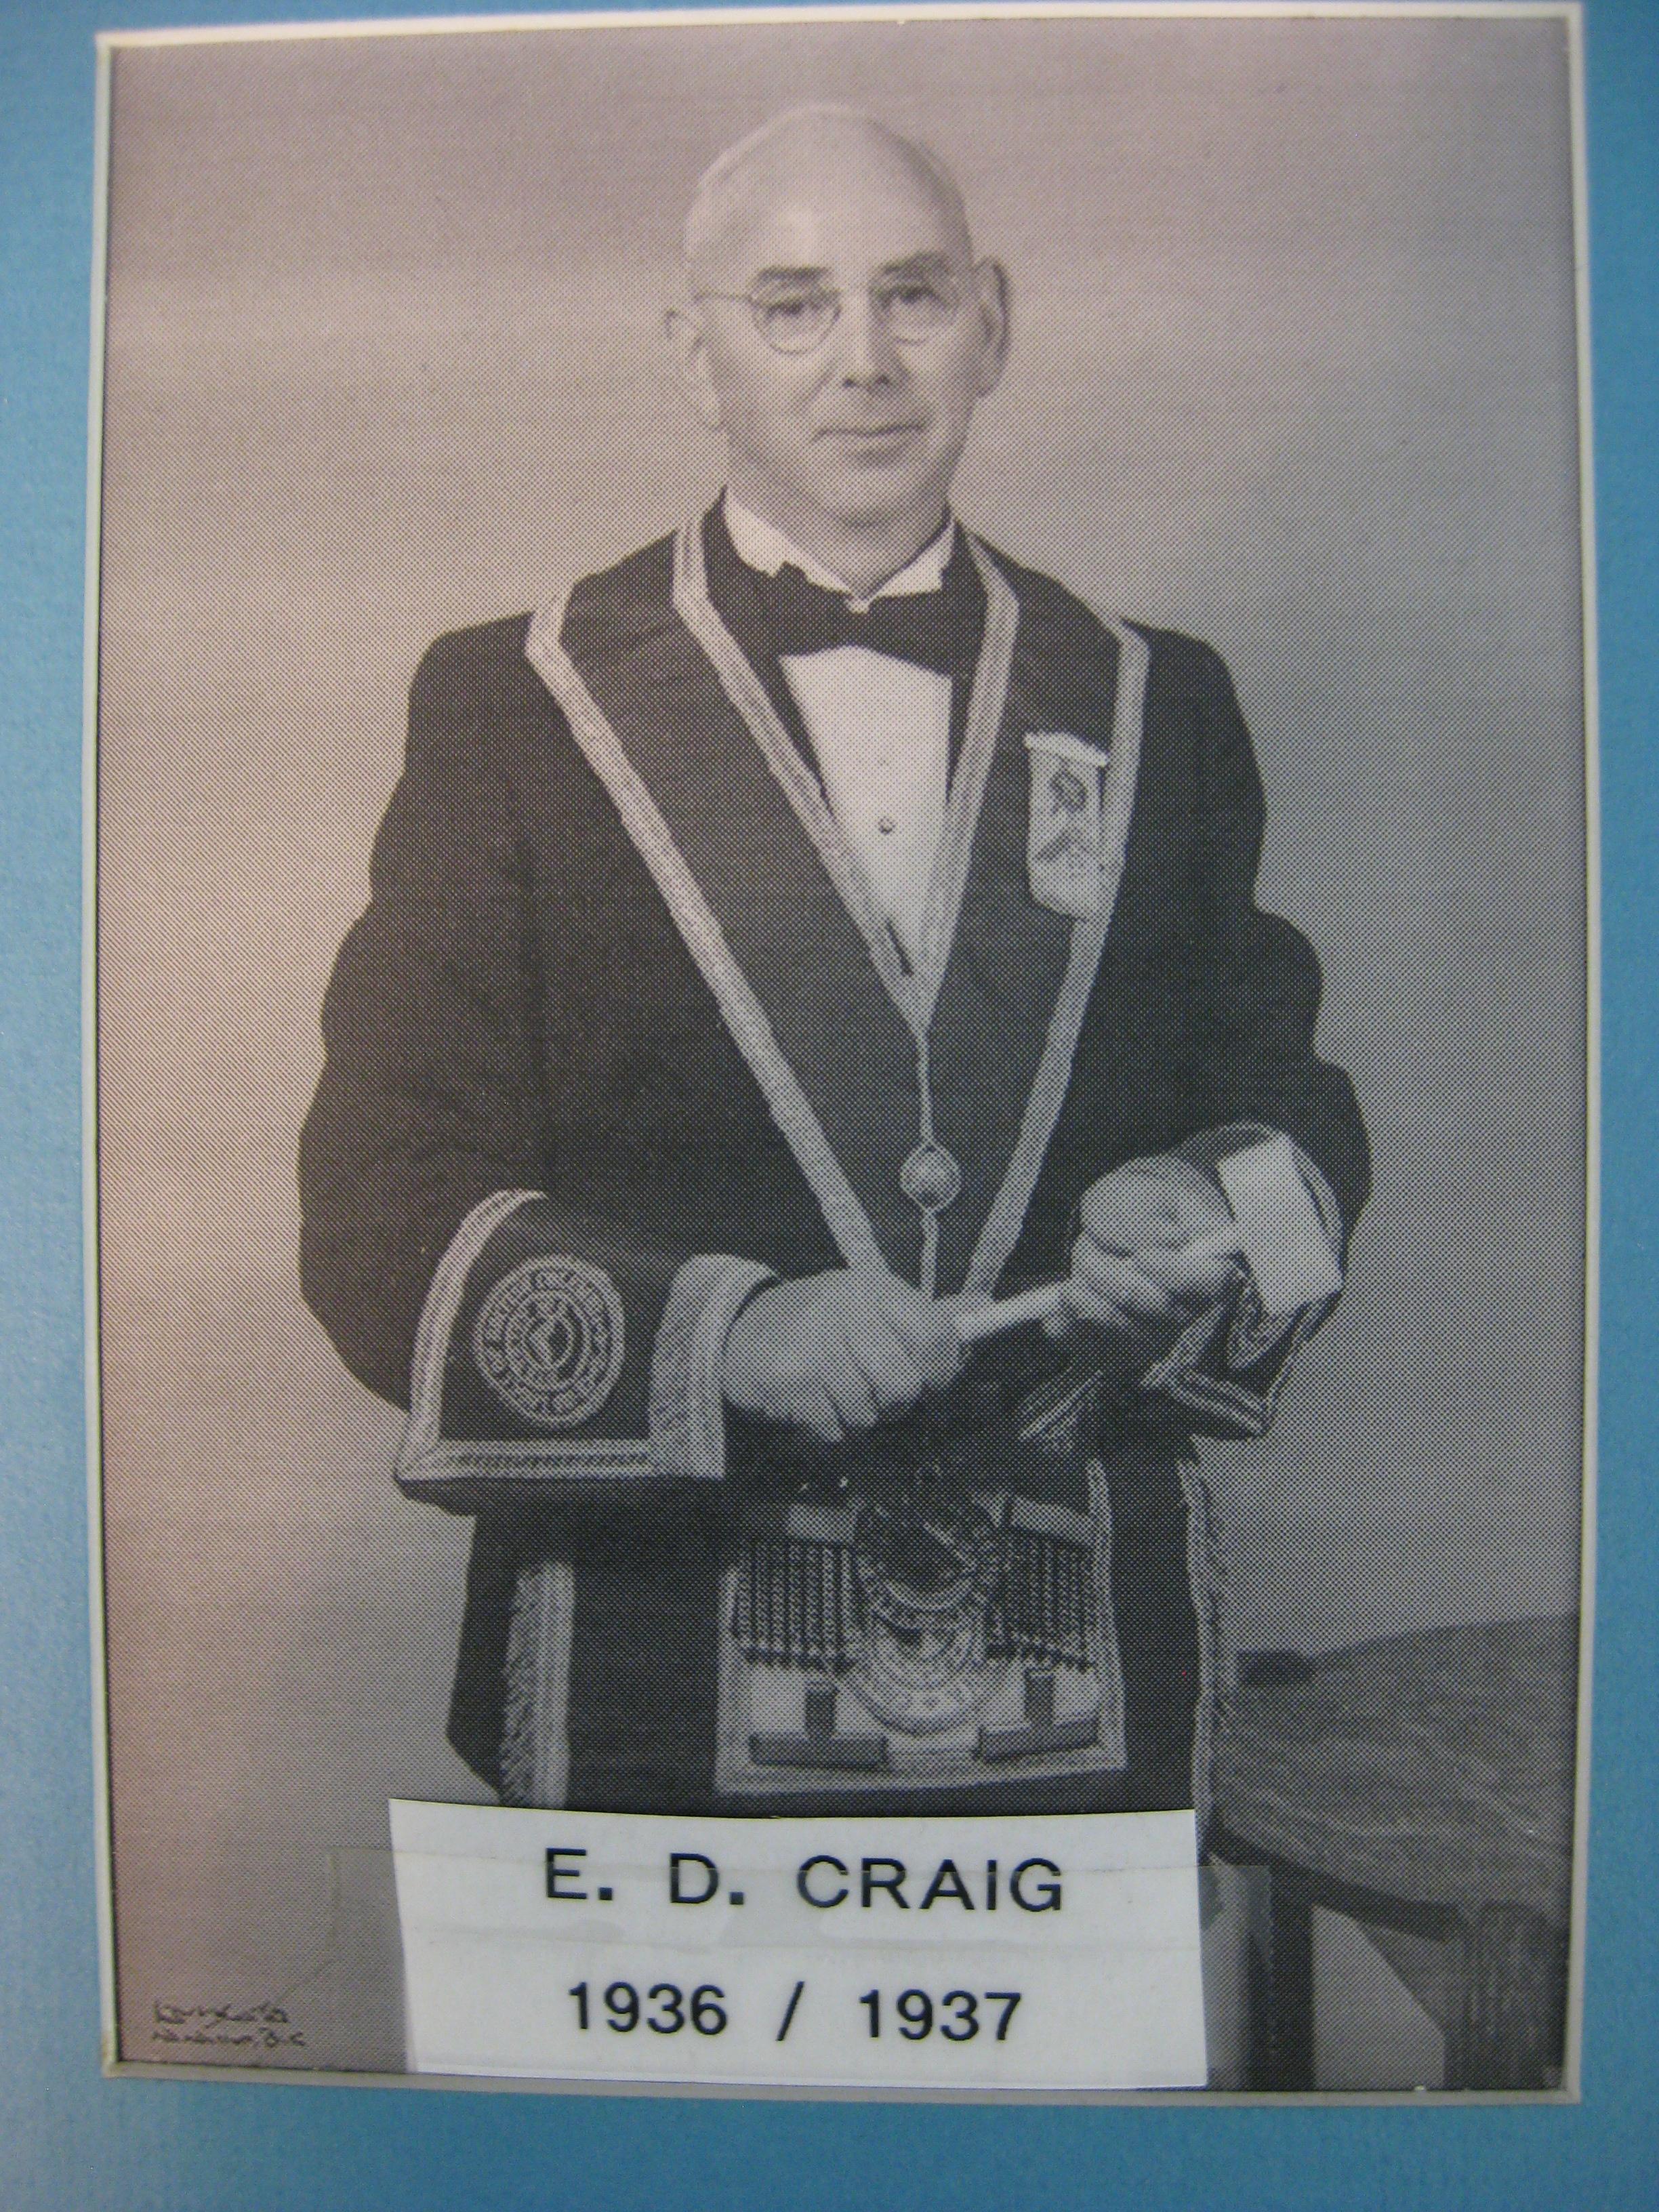 Craig, E.D. 1936-37